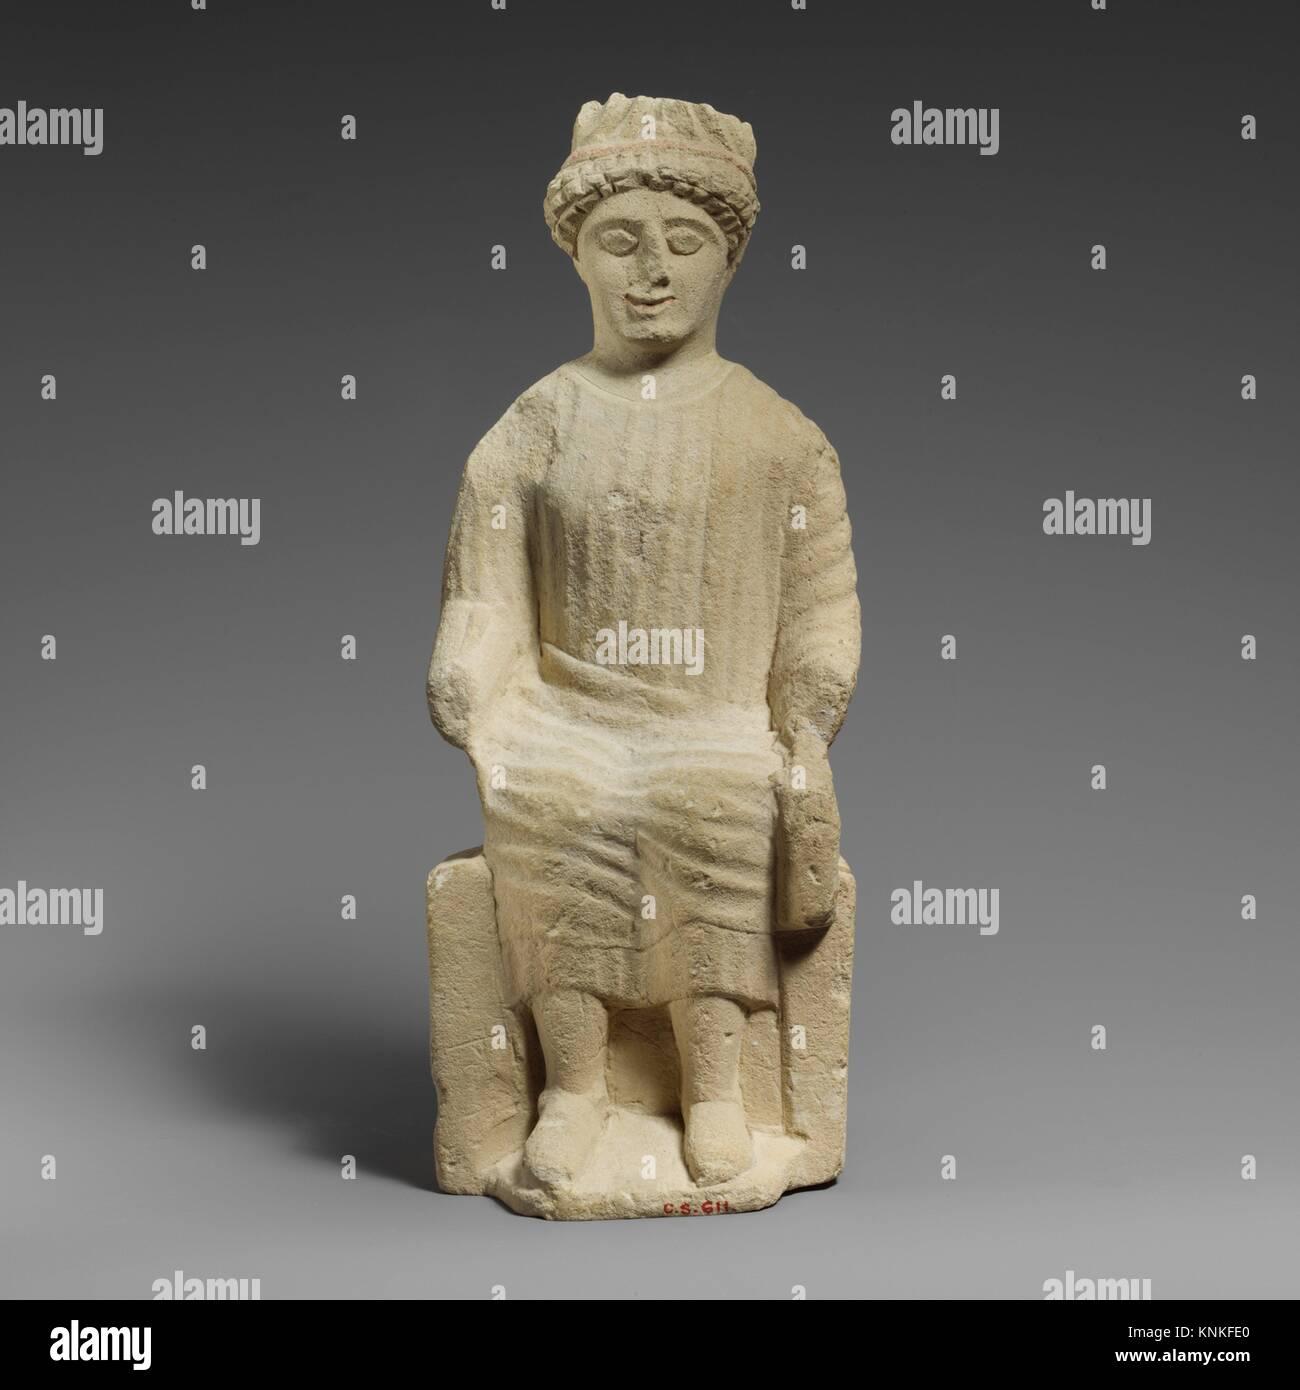 Statuetta di calcare di un rasa seduto votary maschio. Periodo: classici; Data: seconda metà del V secolo a.C; Cultura:; cipriota medie: calcare; Foto Stock